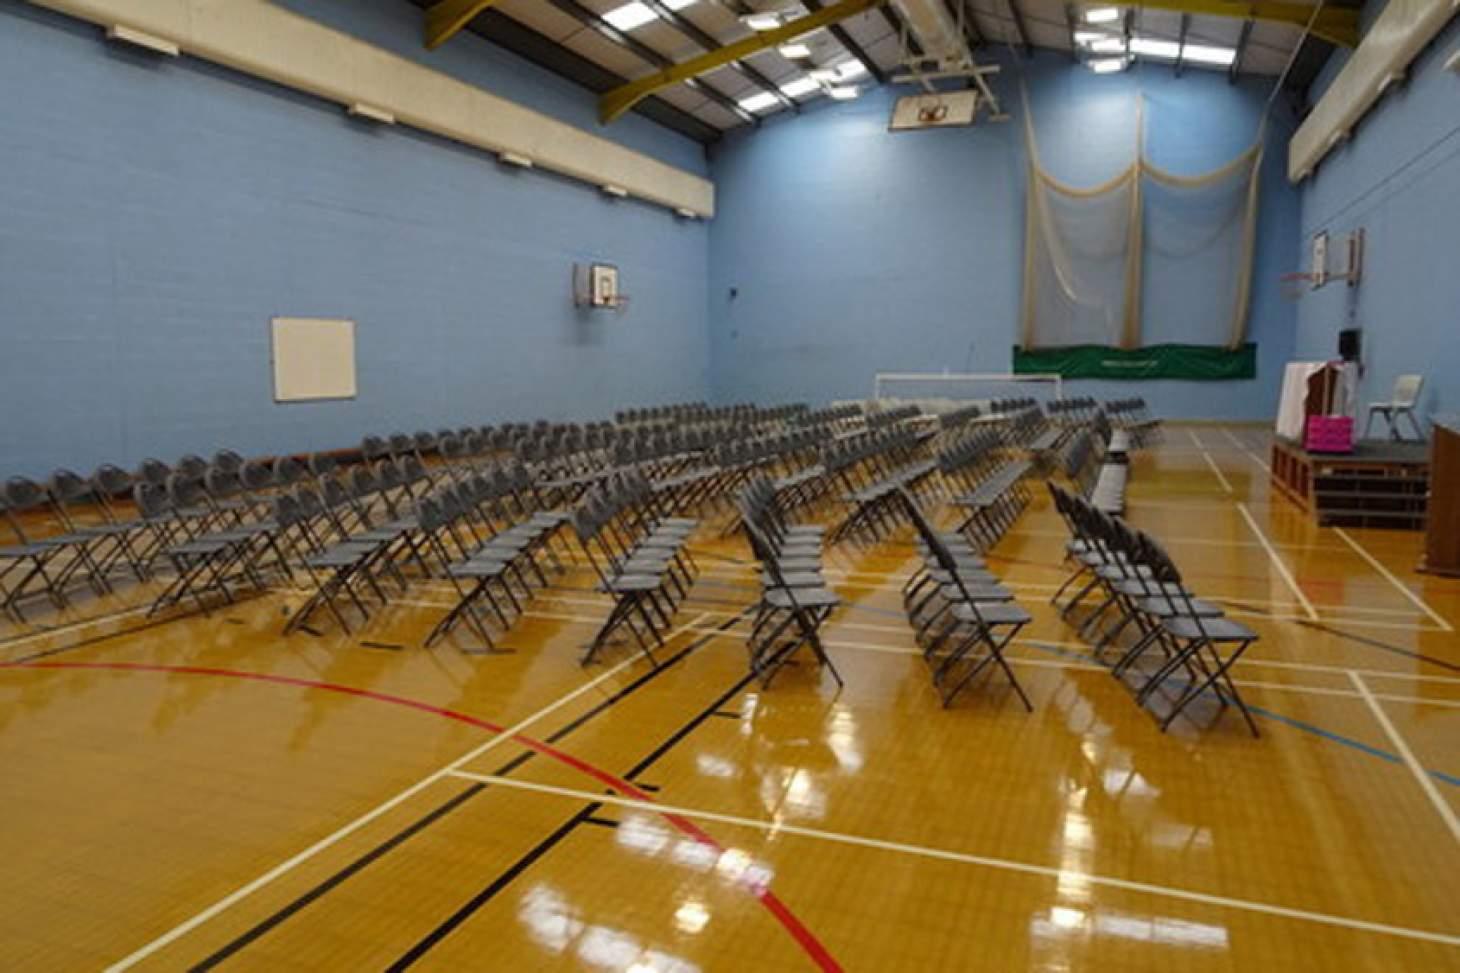 The Barlow RC High School Indoor | Hard badminton court